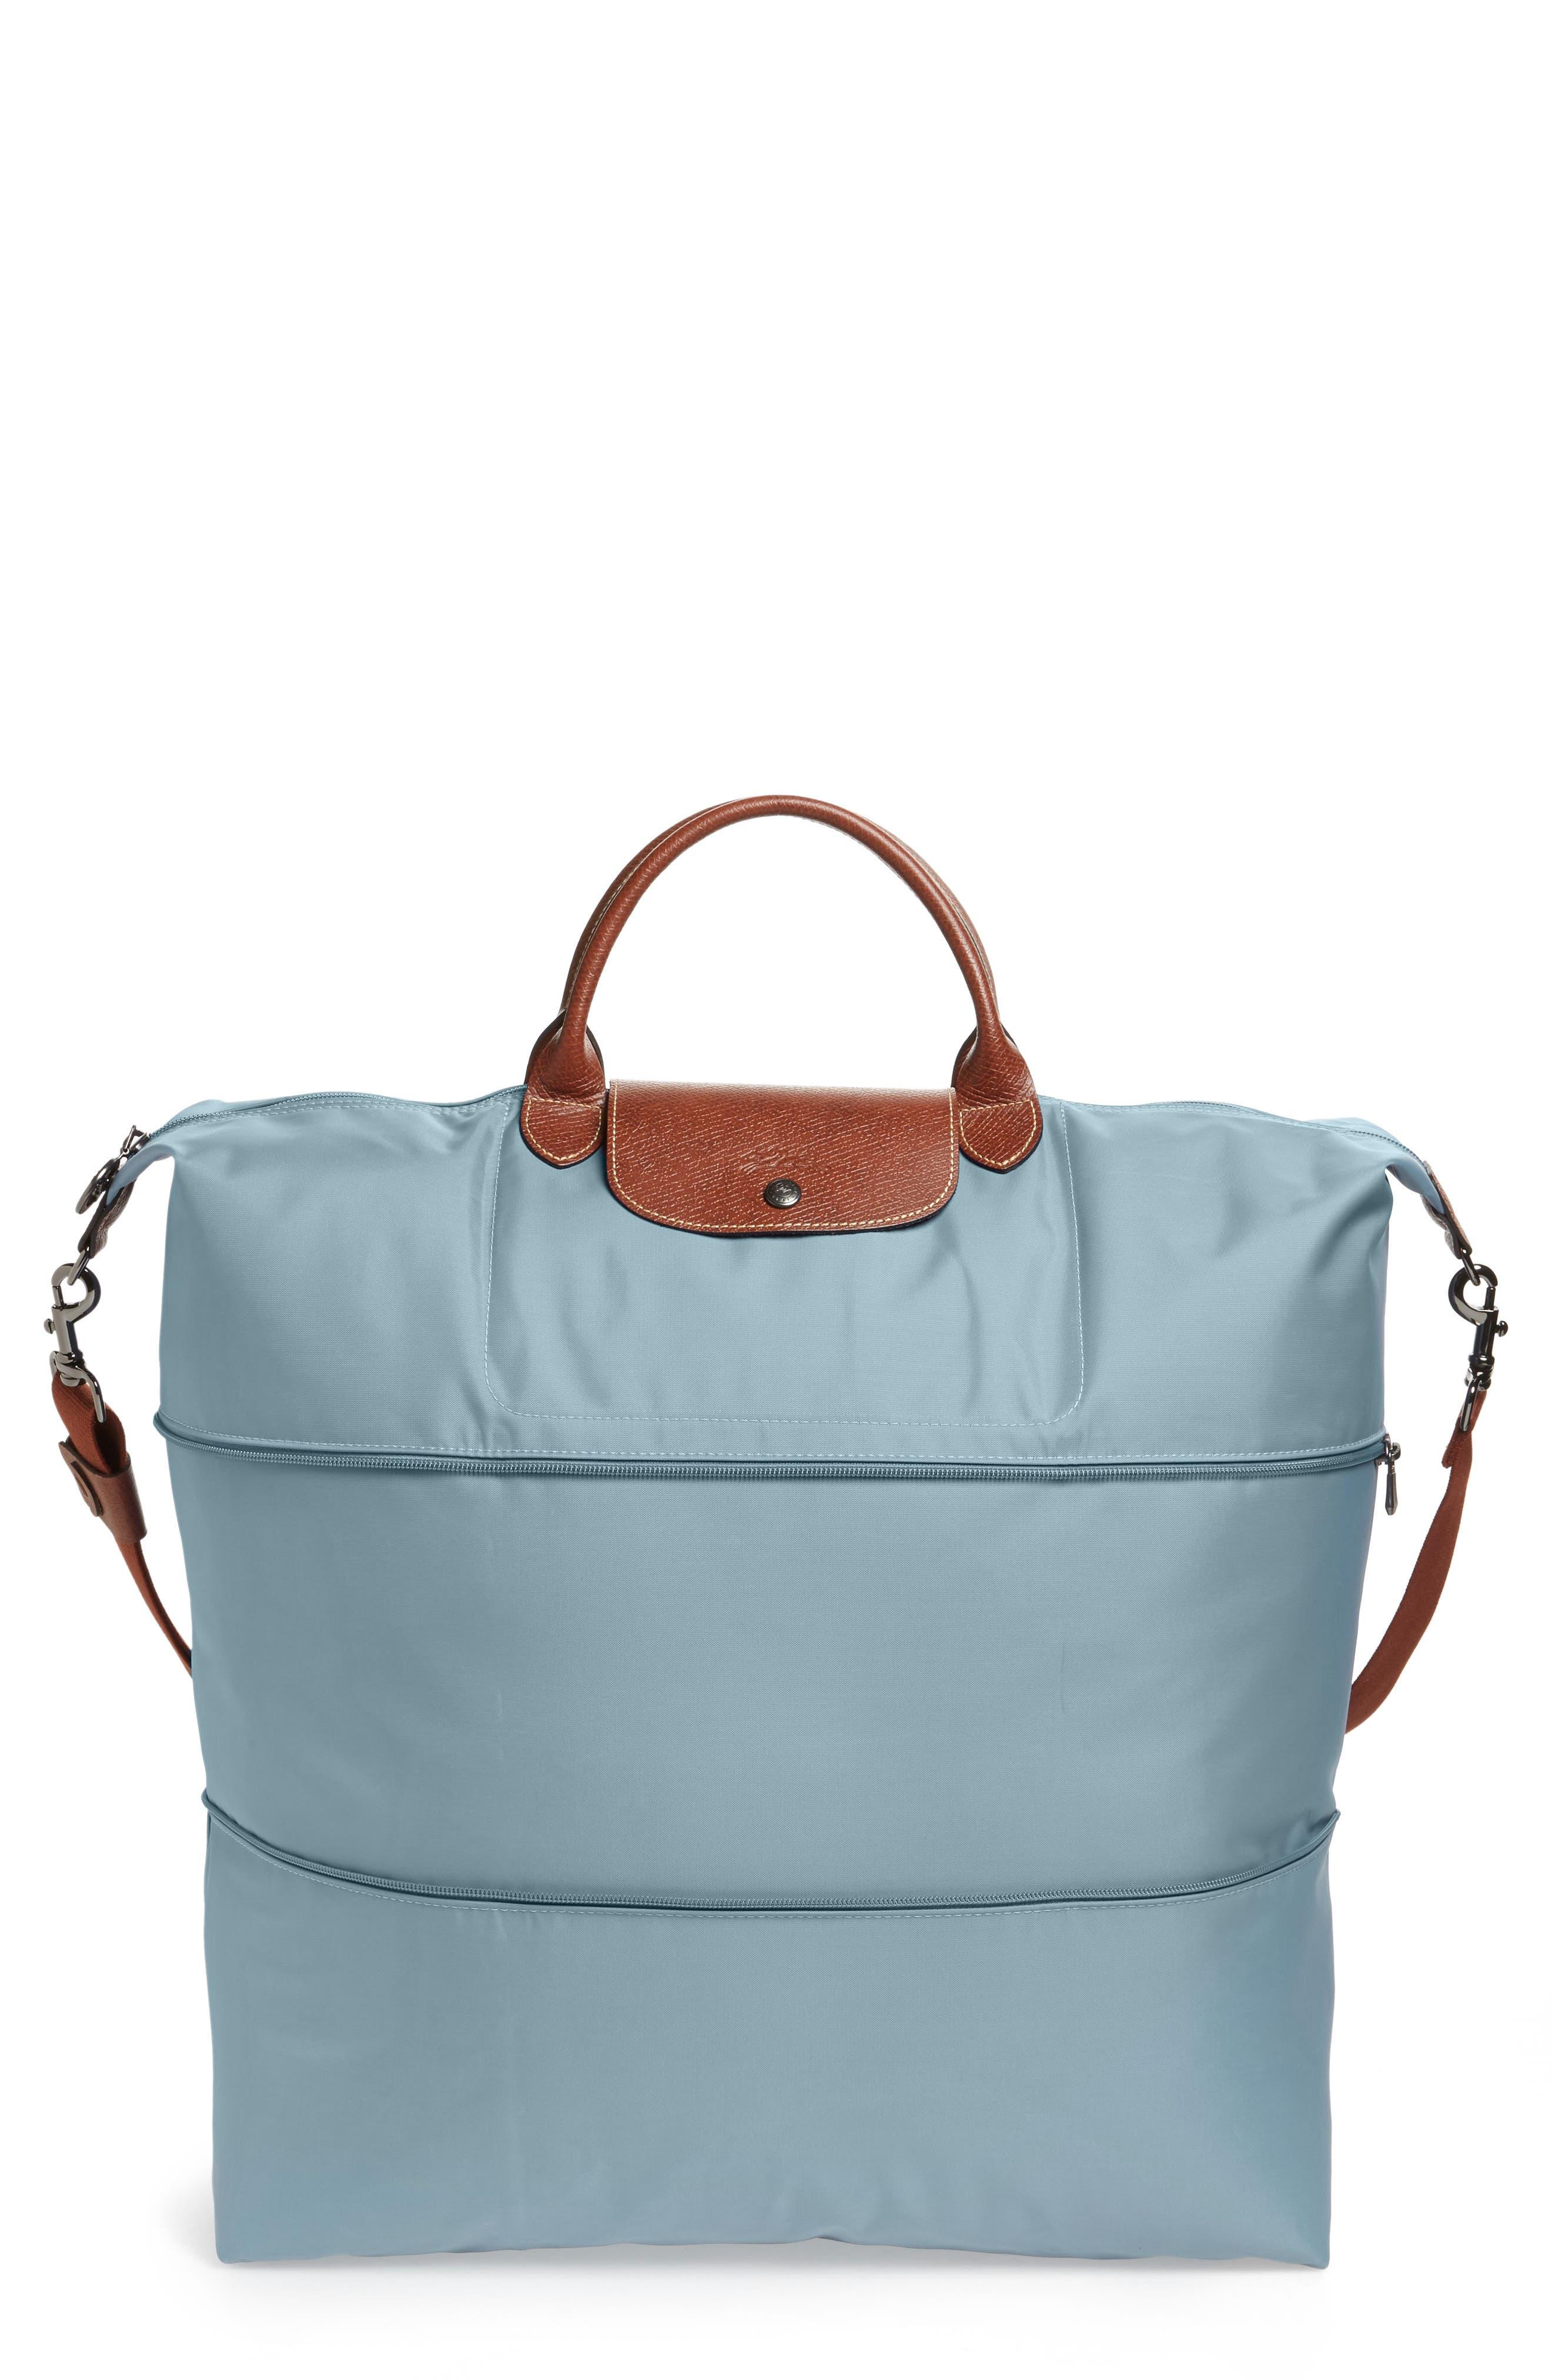 Le Pliage 21-Inch Expandable Travel Bag,                         Main,                         color, ARTICO